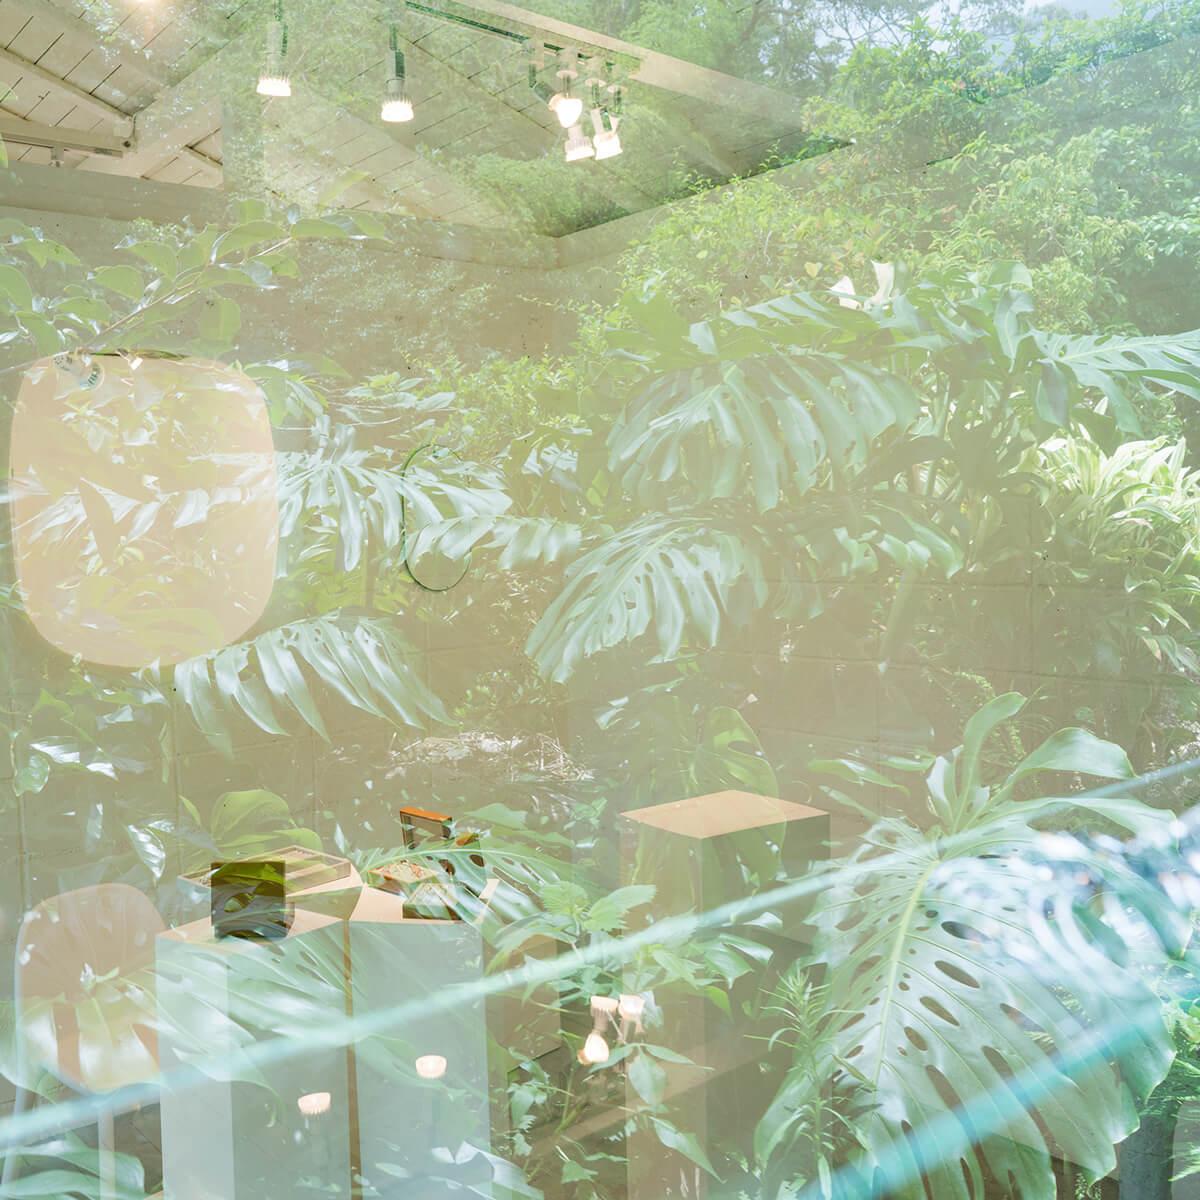 屋久島しずくギャラリー 窓に映る屋久島の植物 屋久島でオーダーメイドマリッジリングの相談会 屋久島でつくる結婚指輪